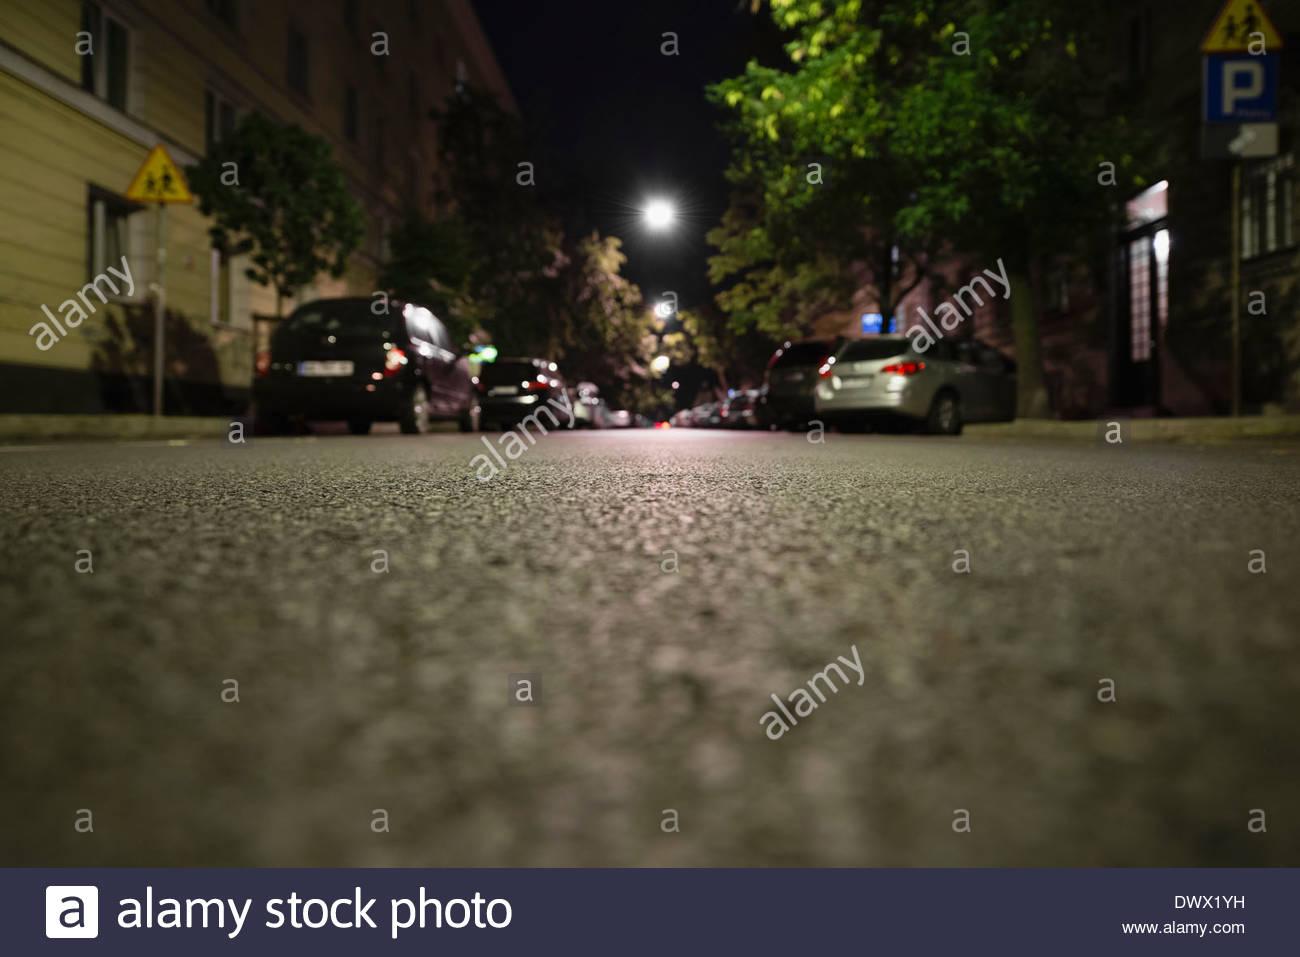 In der Nacht auf der Straße geparkten Autos Stockbild